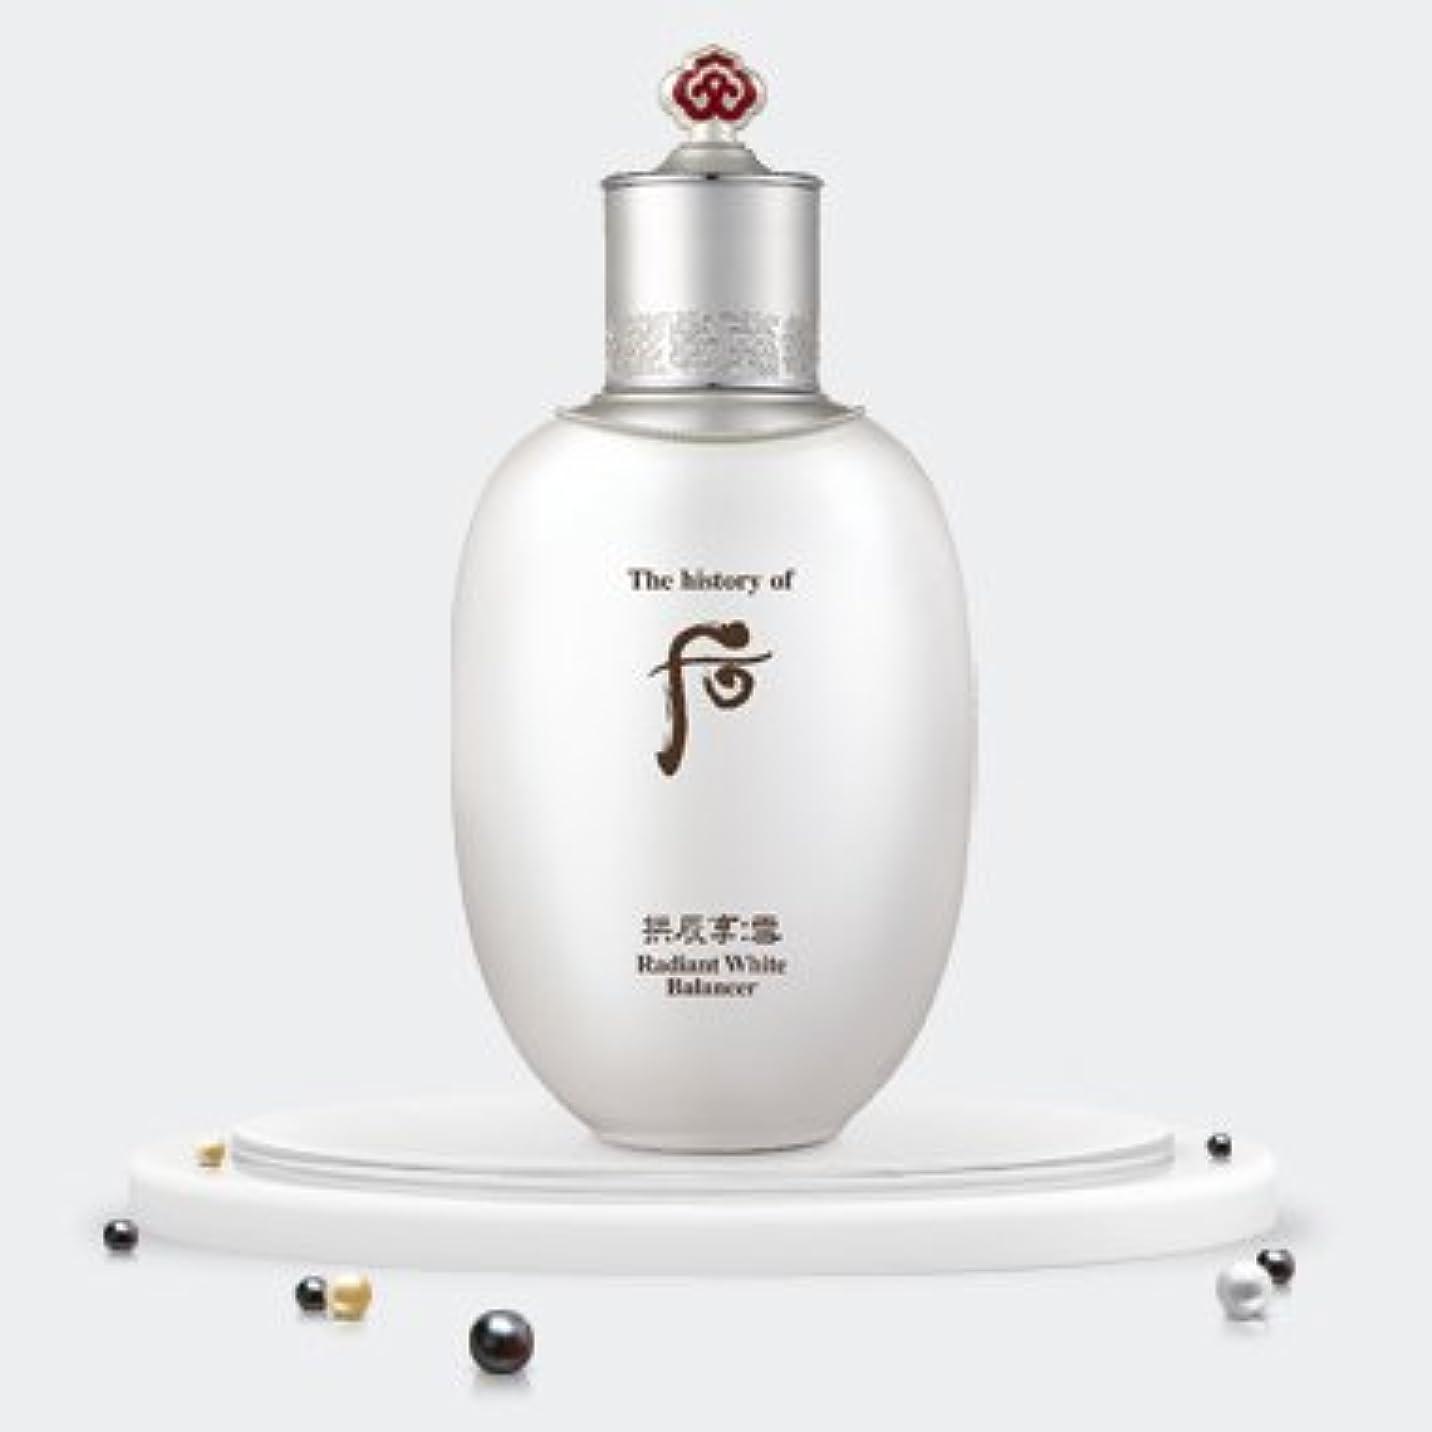 権利を与える挨拶する磁器The history of Whoo Gongjinhyang Seol Radiant White Balancer 150ml/ザ ヒストリー オブ フー (后) 拱辰享 雪 ラディアント ホワイト バランサー 150ml